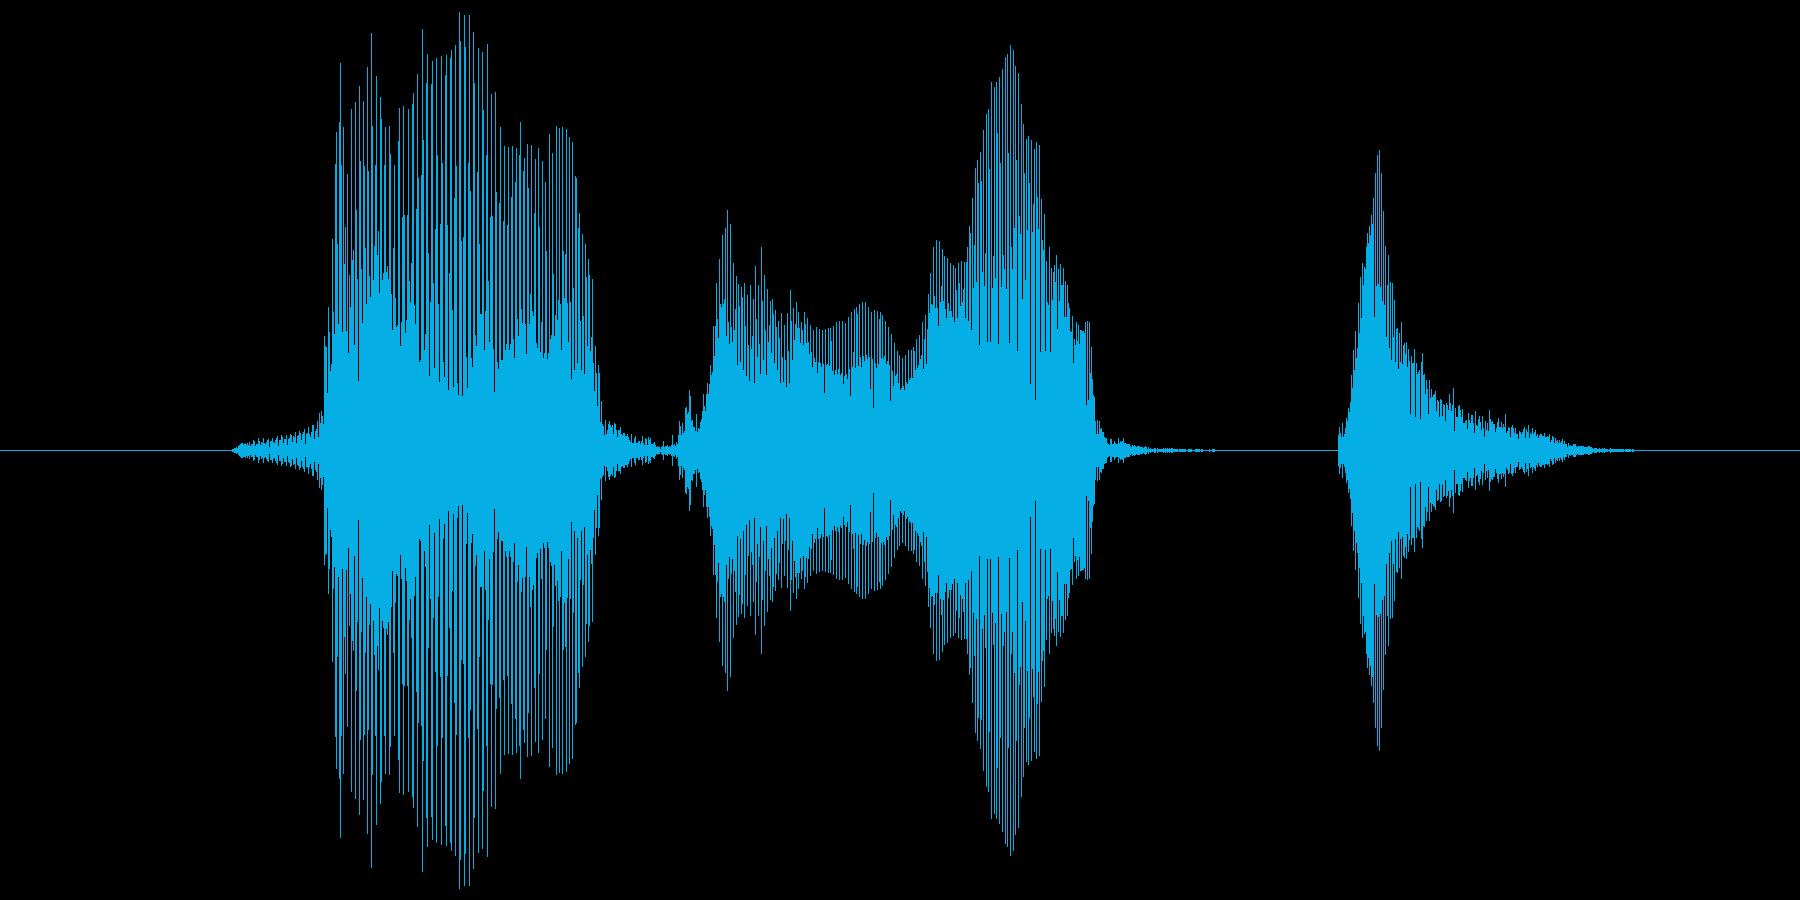 バージョンアップ!の再生済みの波形